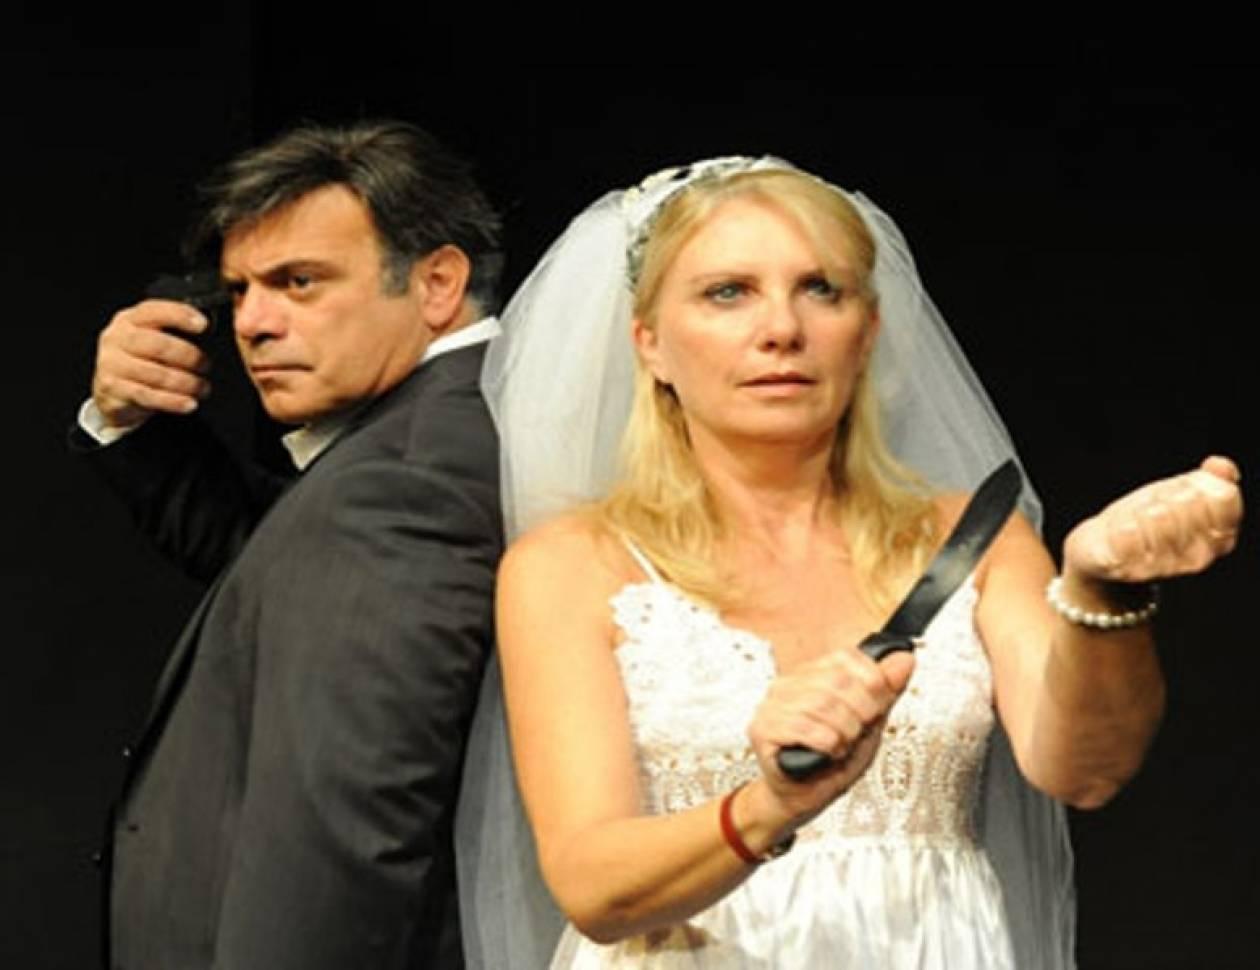 Ο γάμος βλάπτει σοβαρά την υγεία στο θέατρο Διθύραμβος